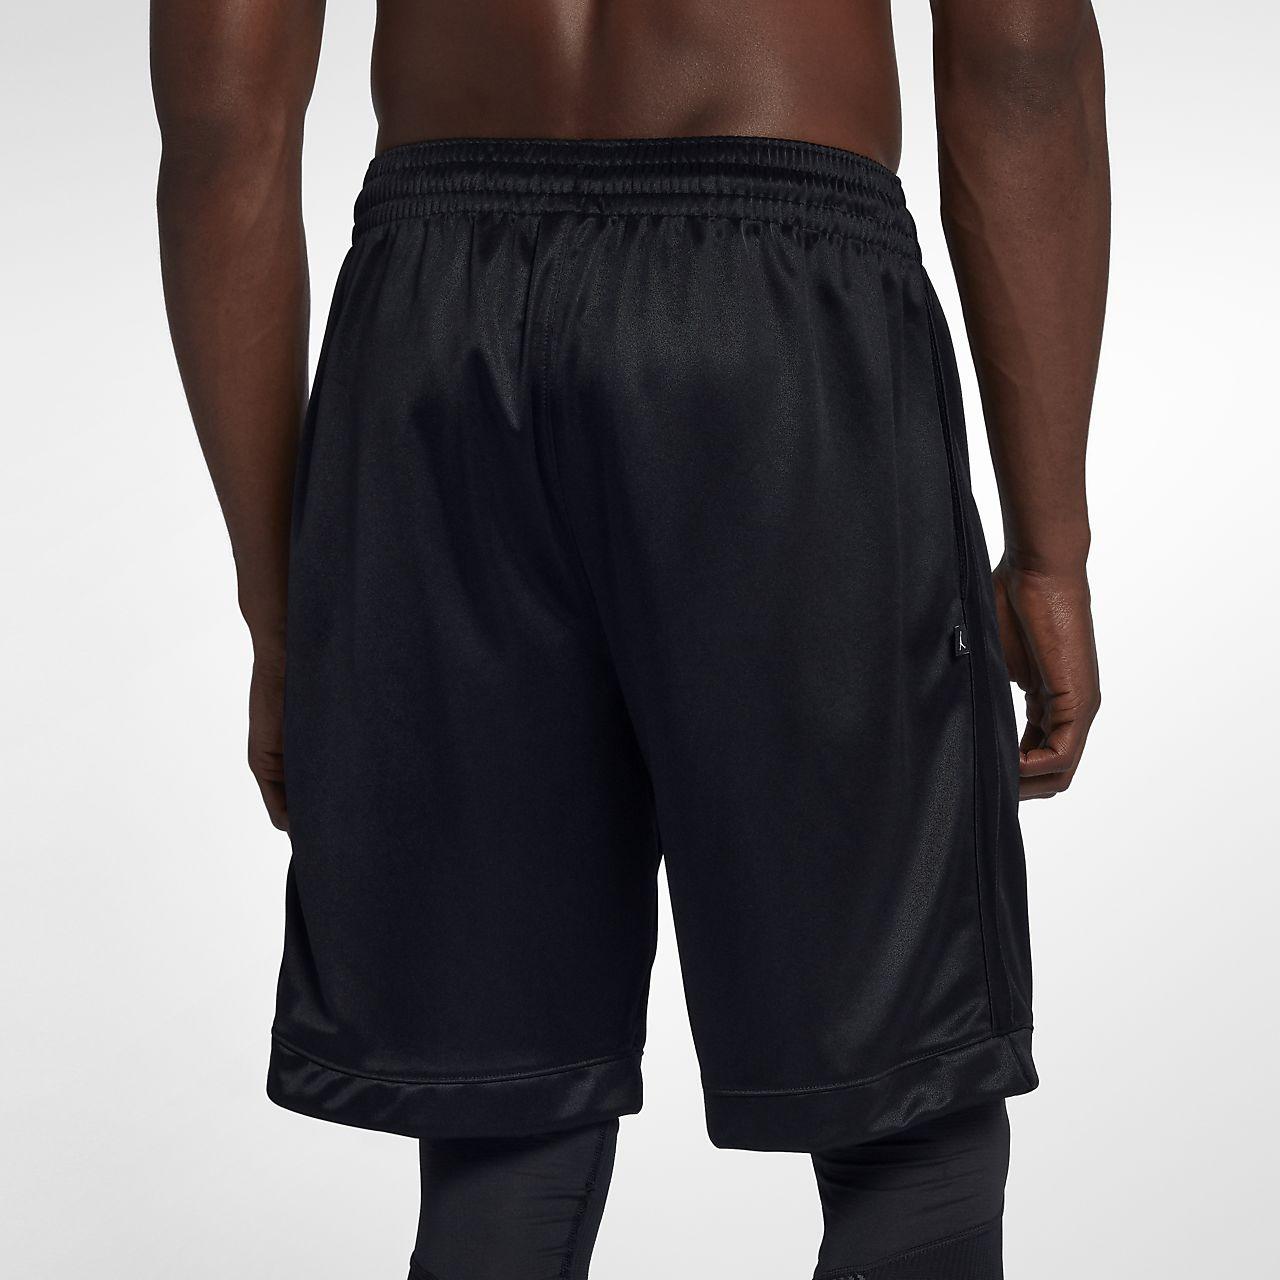 925fe1dd11d0 Low Resolution Jordan Shimmer Men s Basketball Shorts Jordan Shimmer Men s  Basketball Shorts